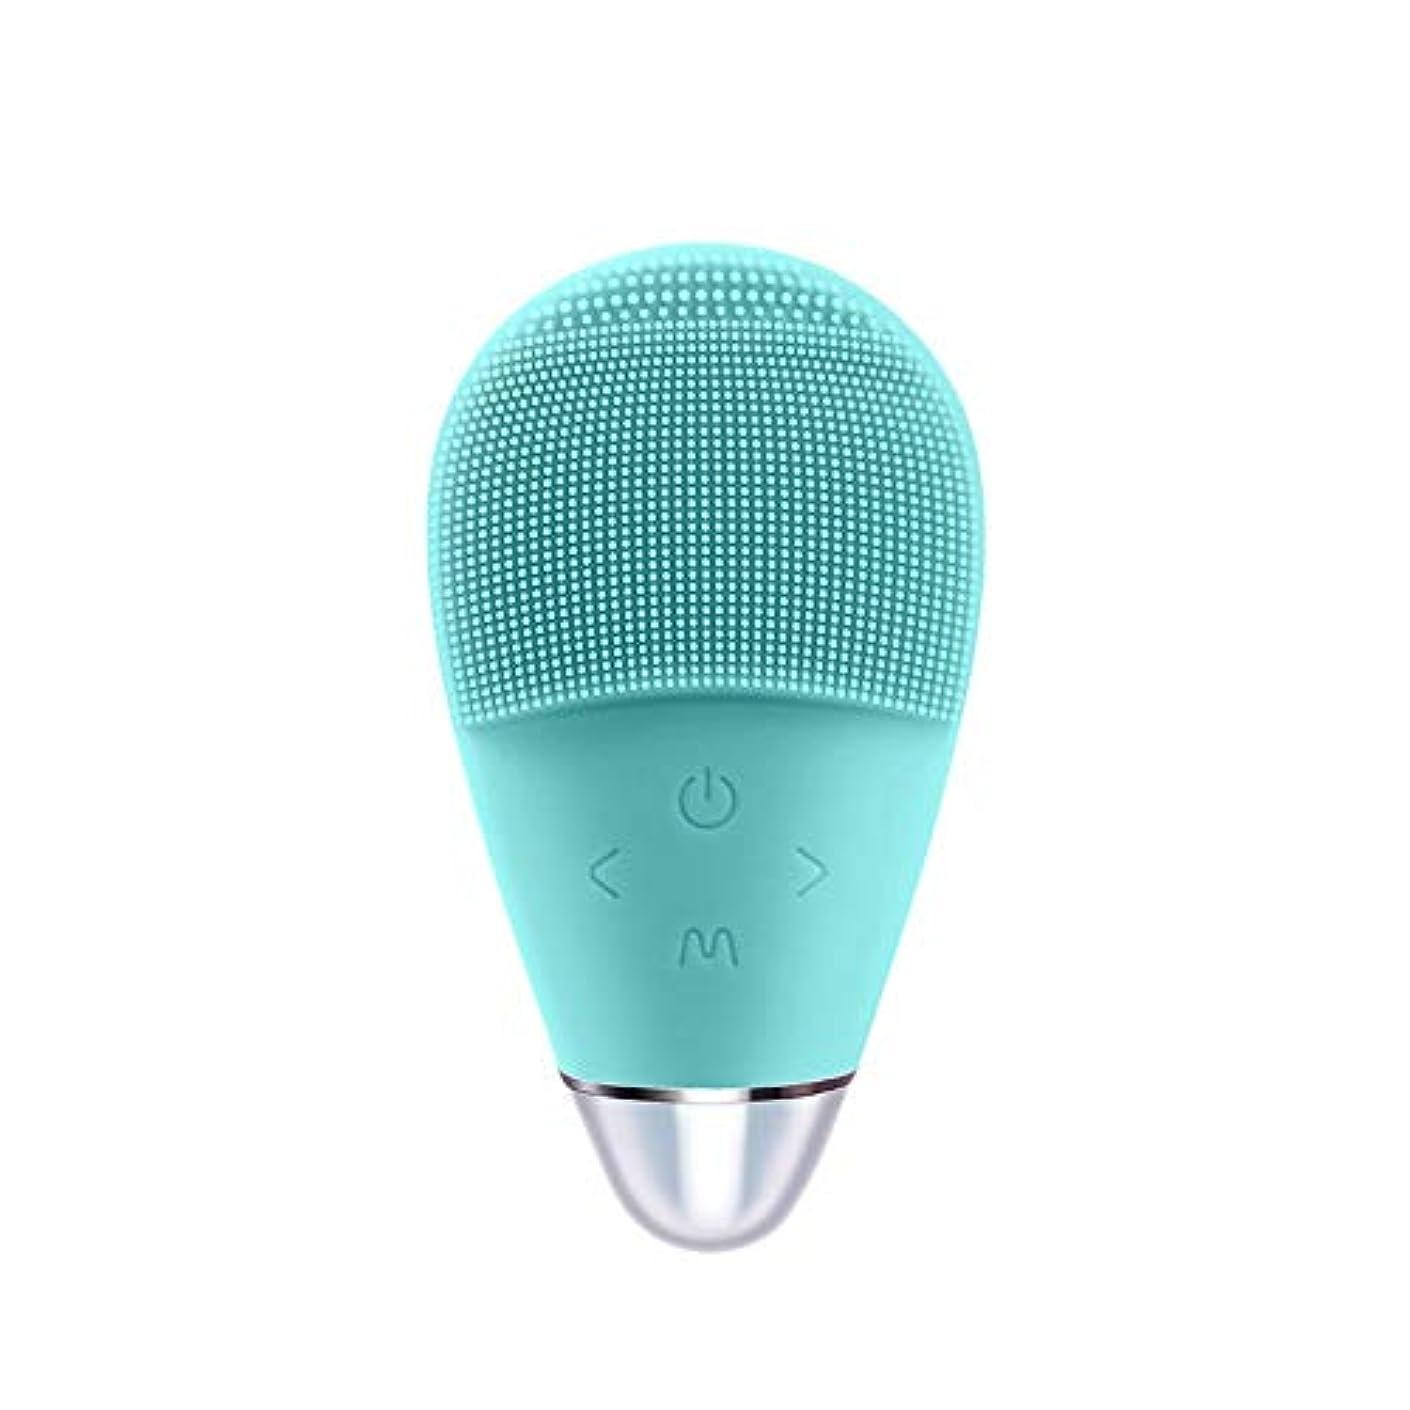 ボアピルよく話されるシリコーン洗浄器具電気洗濯機超音波美容器具顔の毛穴クリーナー (Color : Blue)